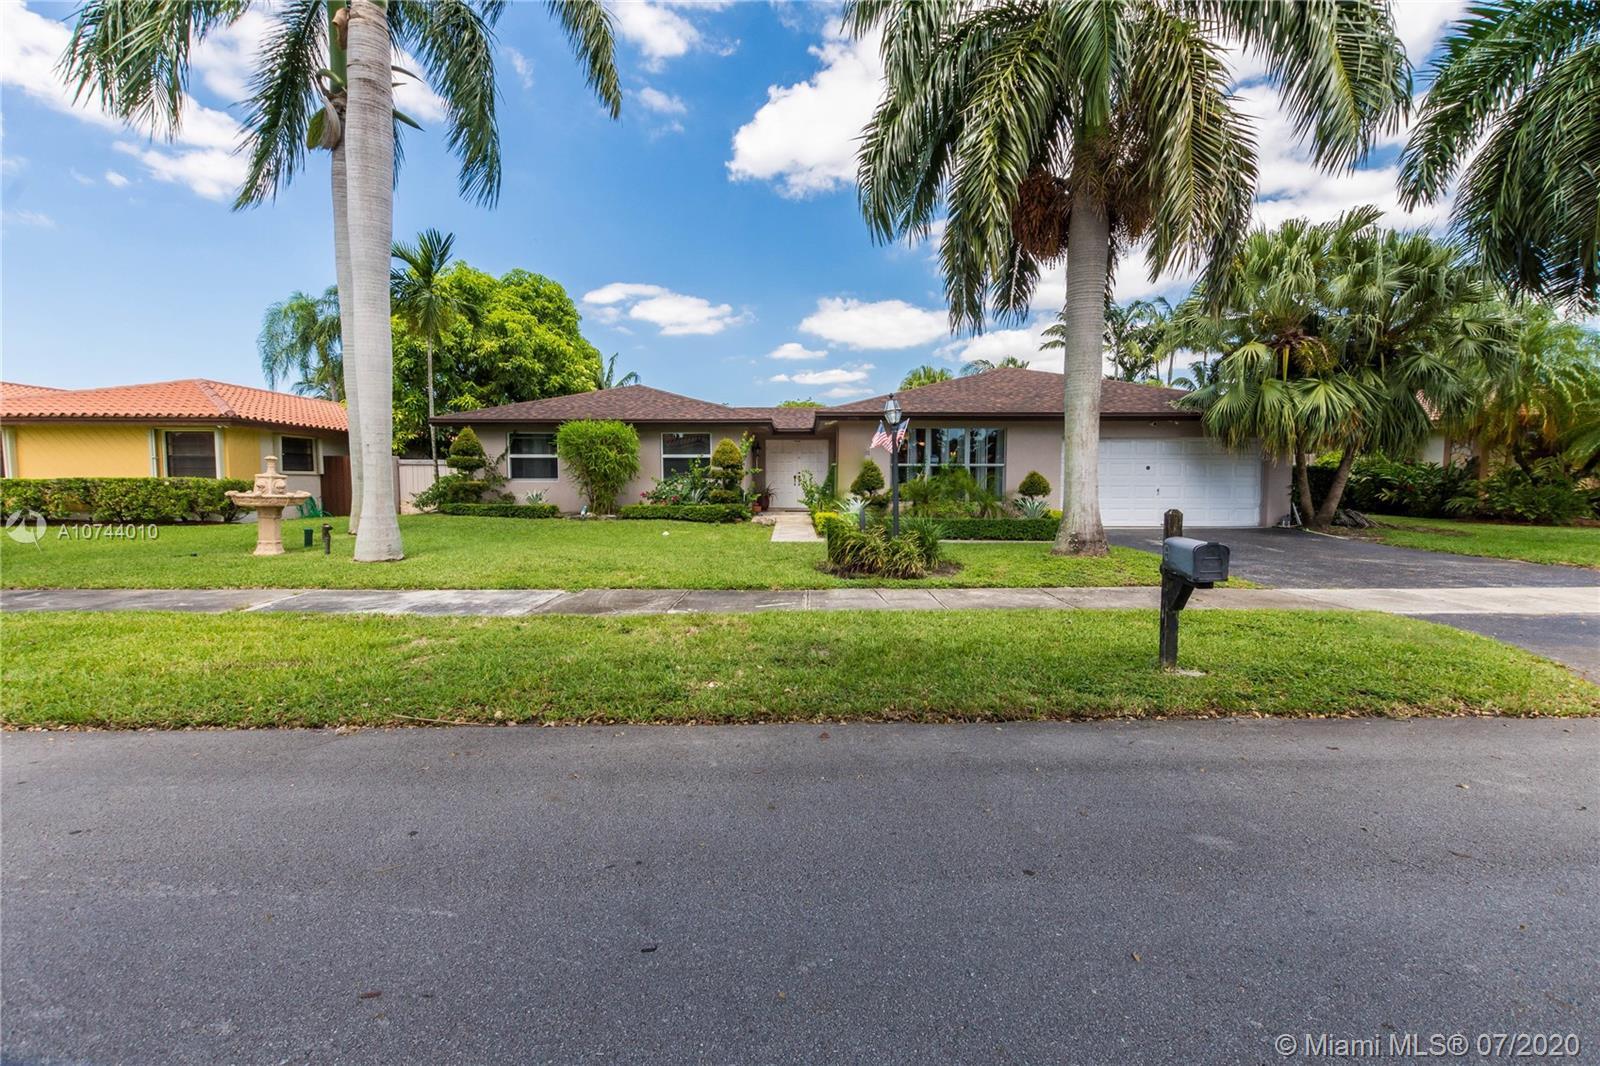 12101 SW 97th Ter, Miami, FL 33186 - Miami, FL real estate listing